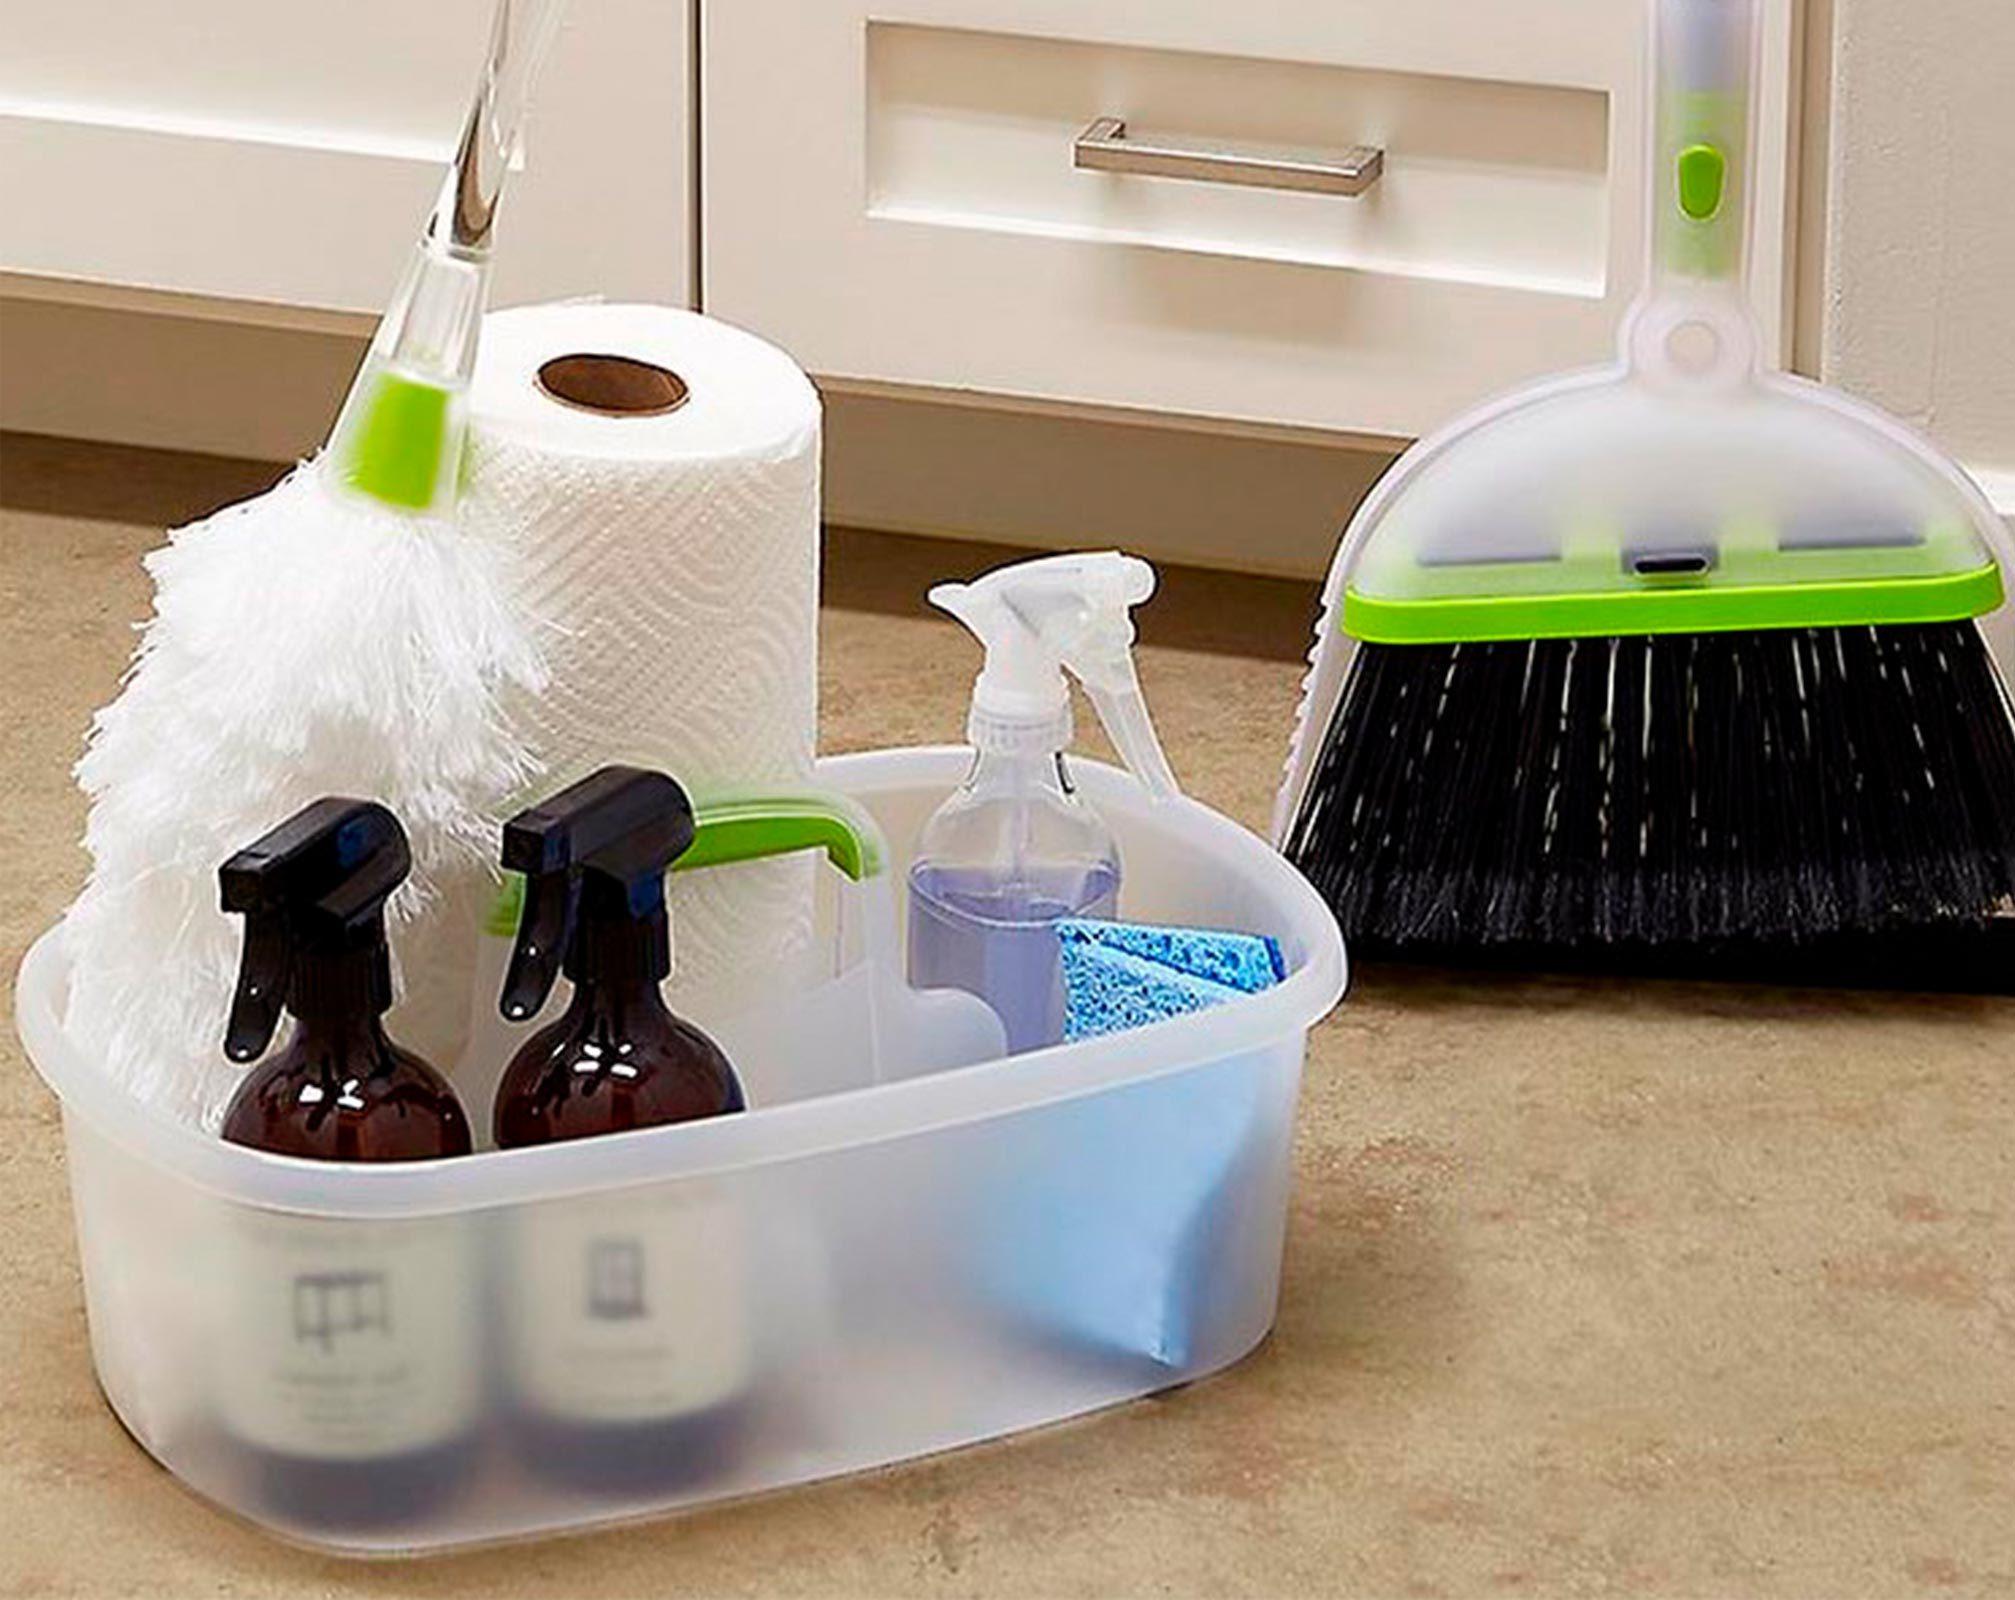 Cleaning starter kit